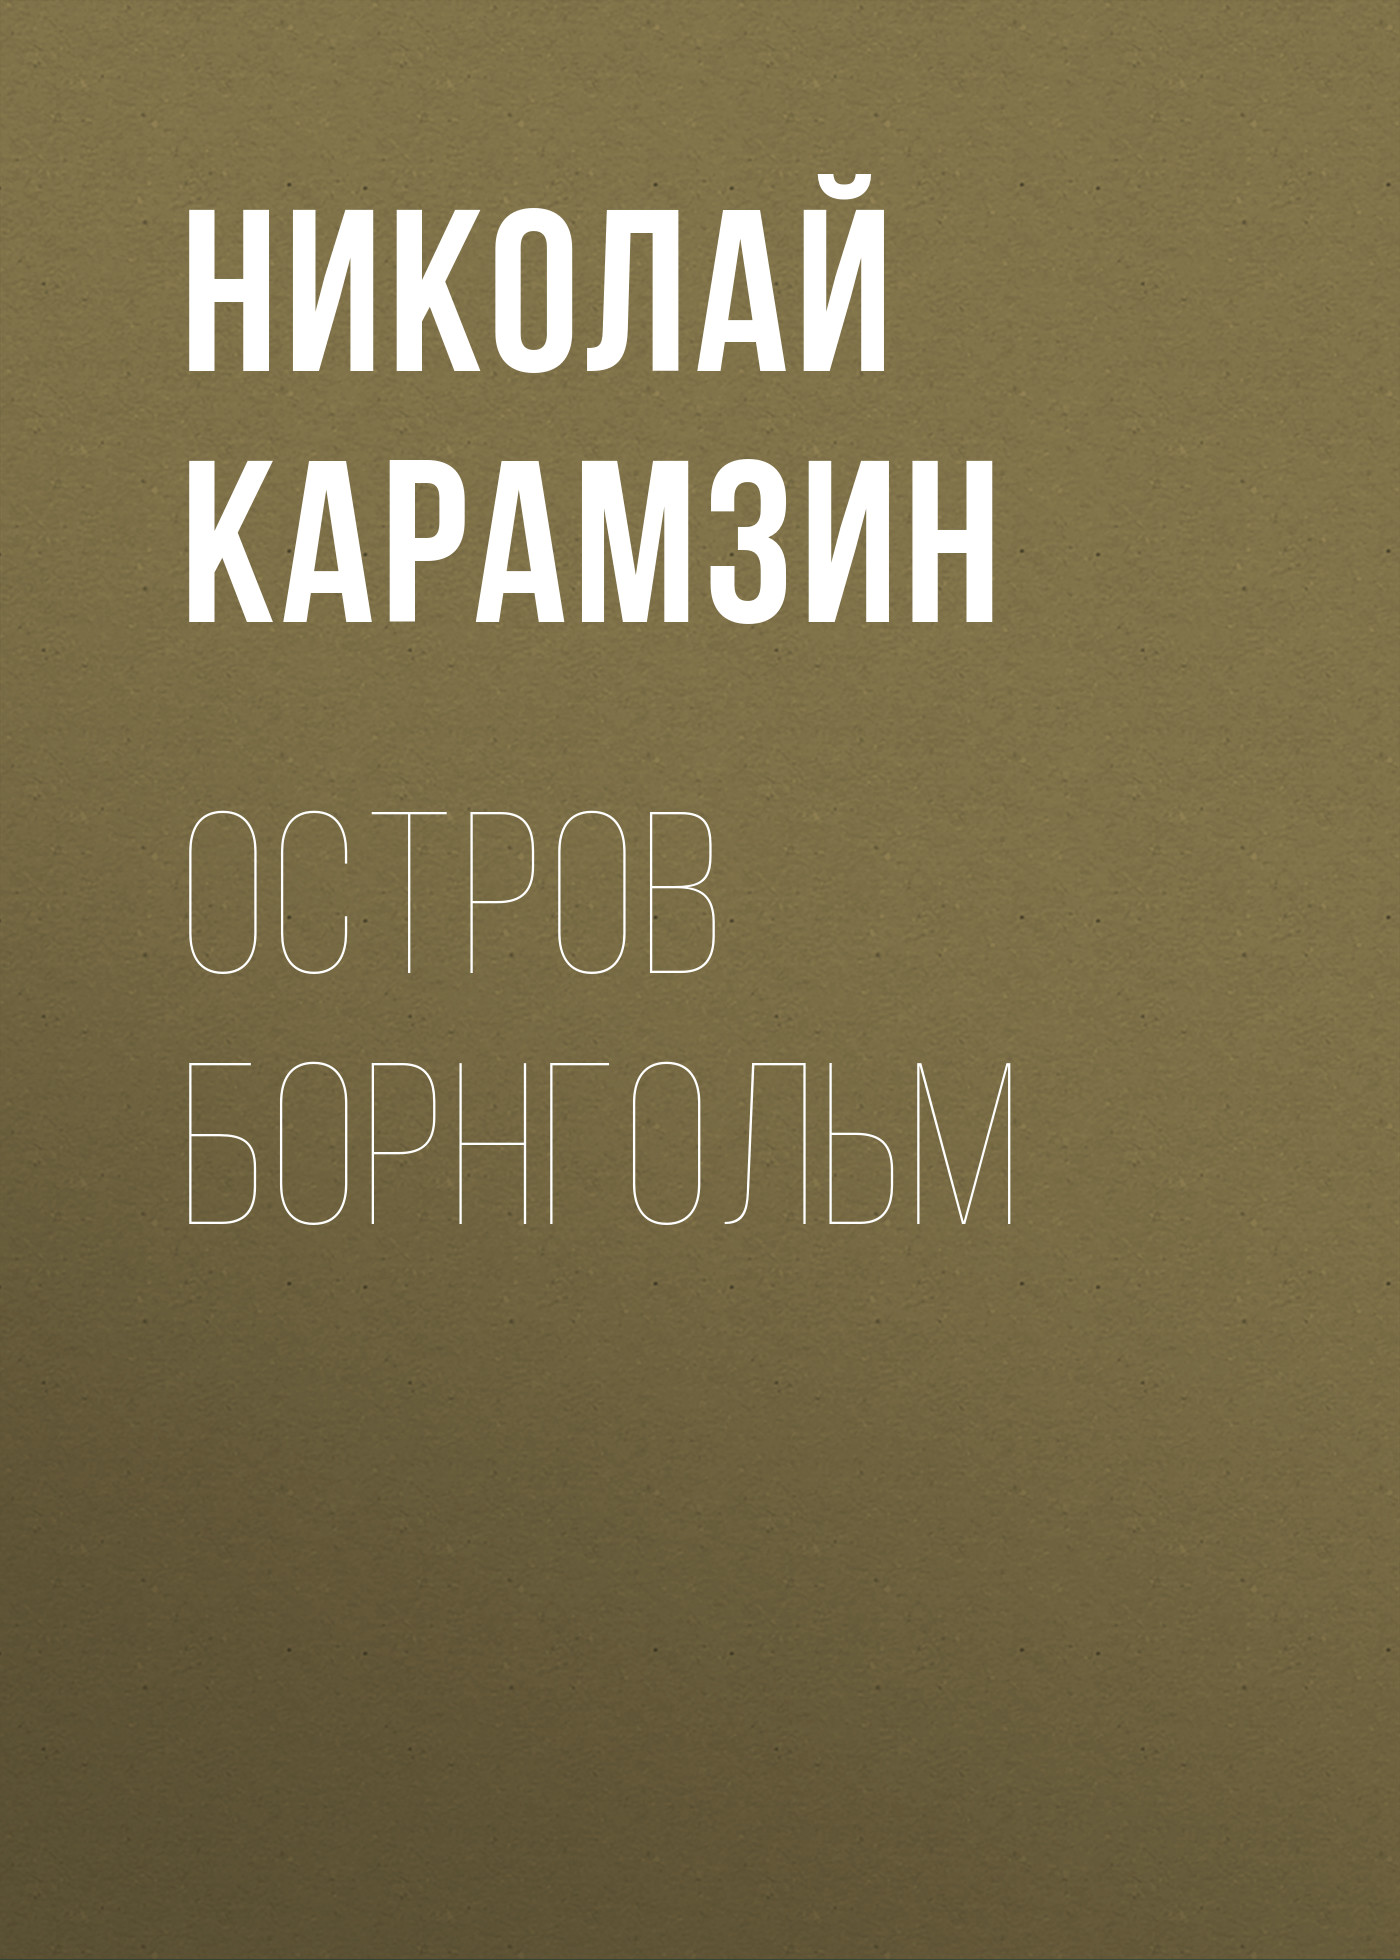 Купить книгу Остров Борнгольм, автора Николая Карамзина